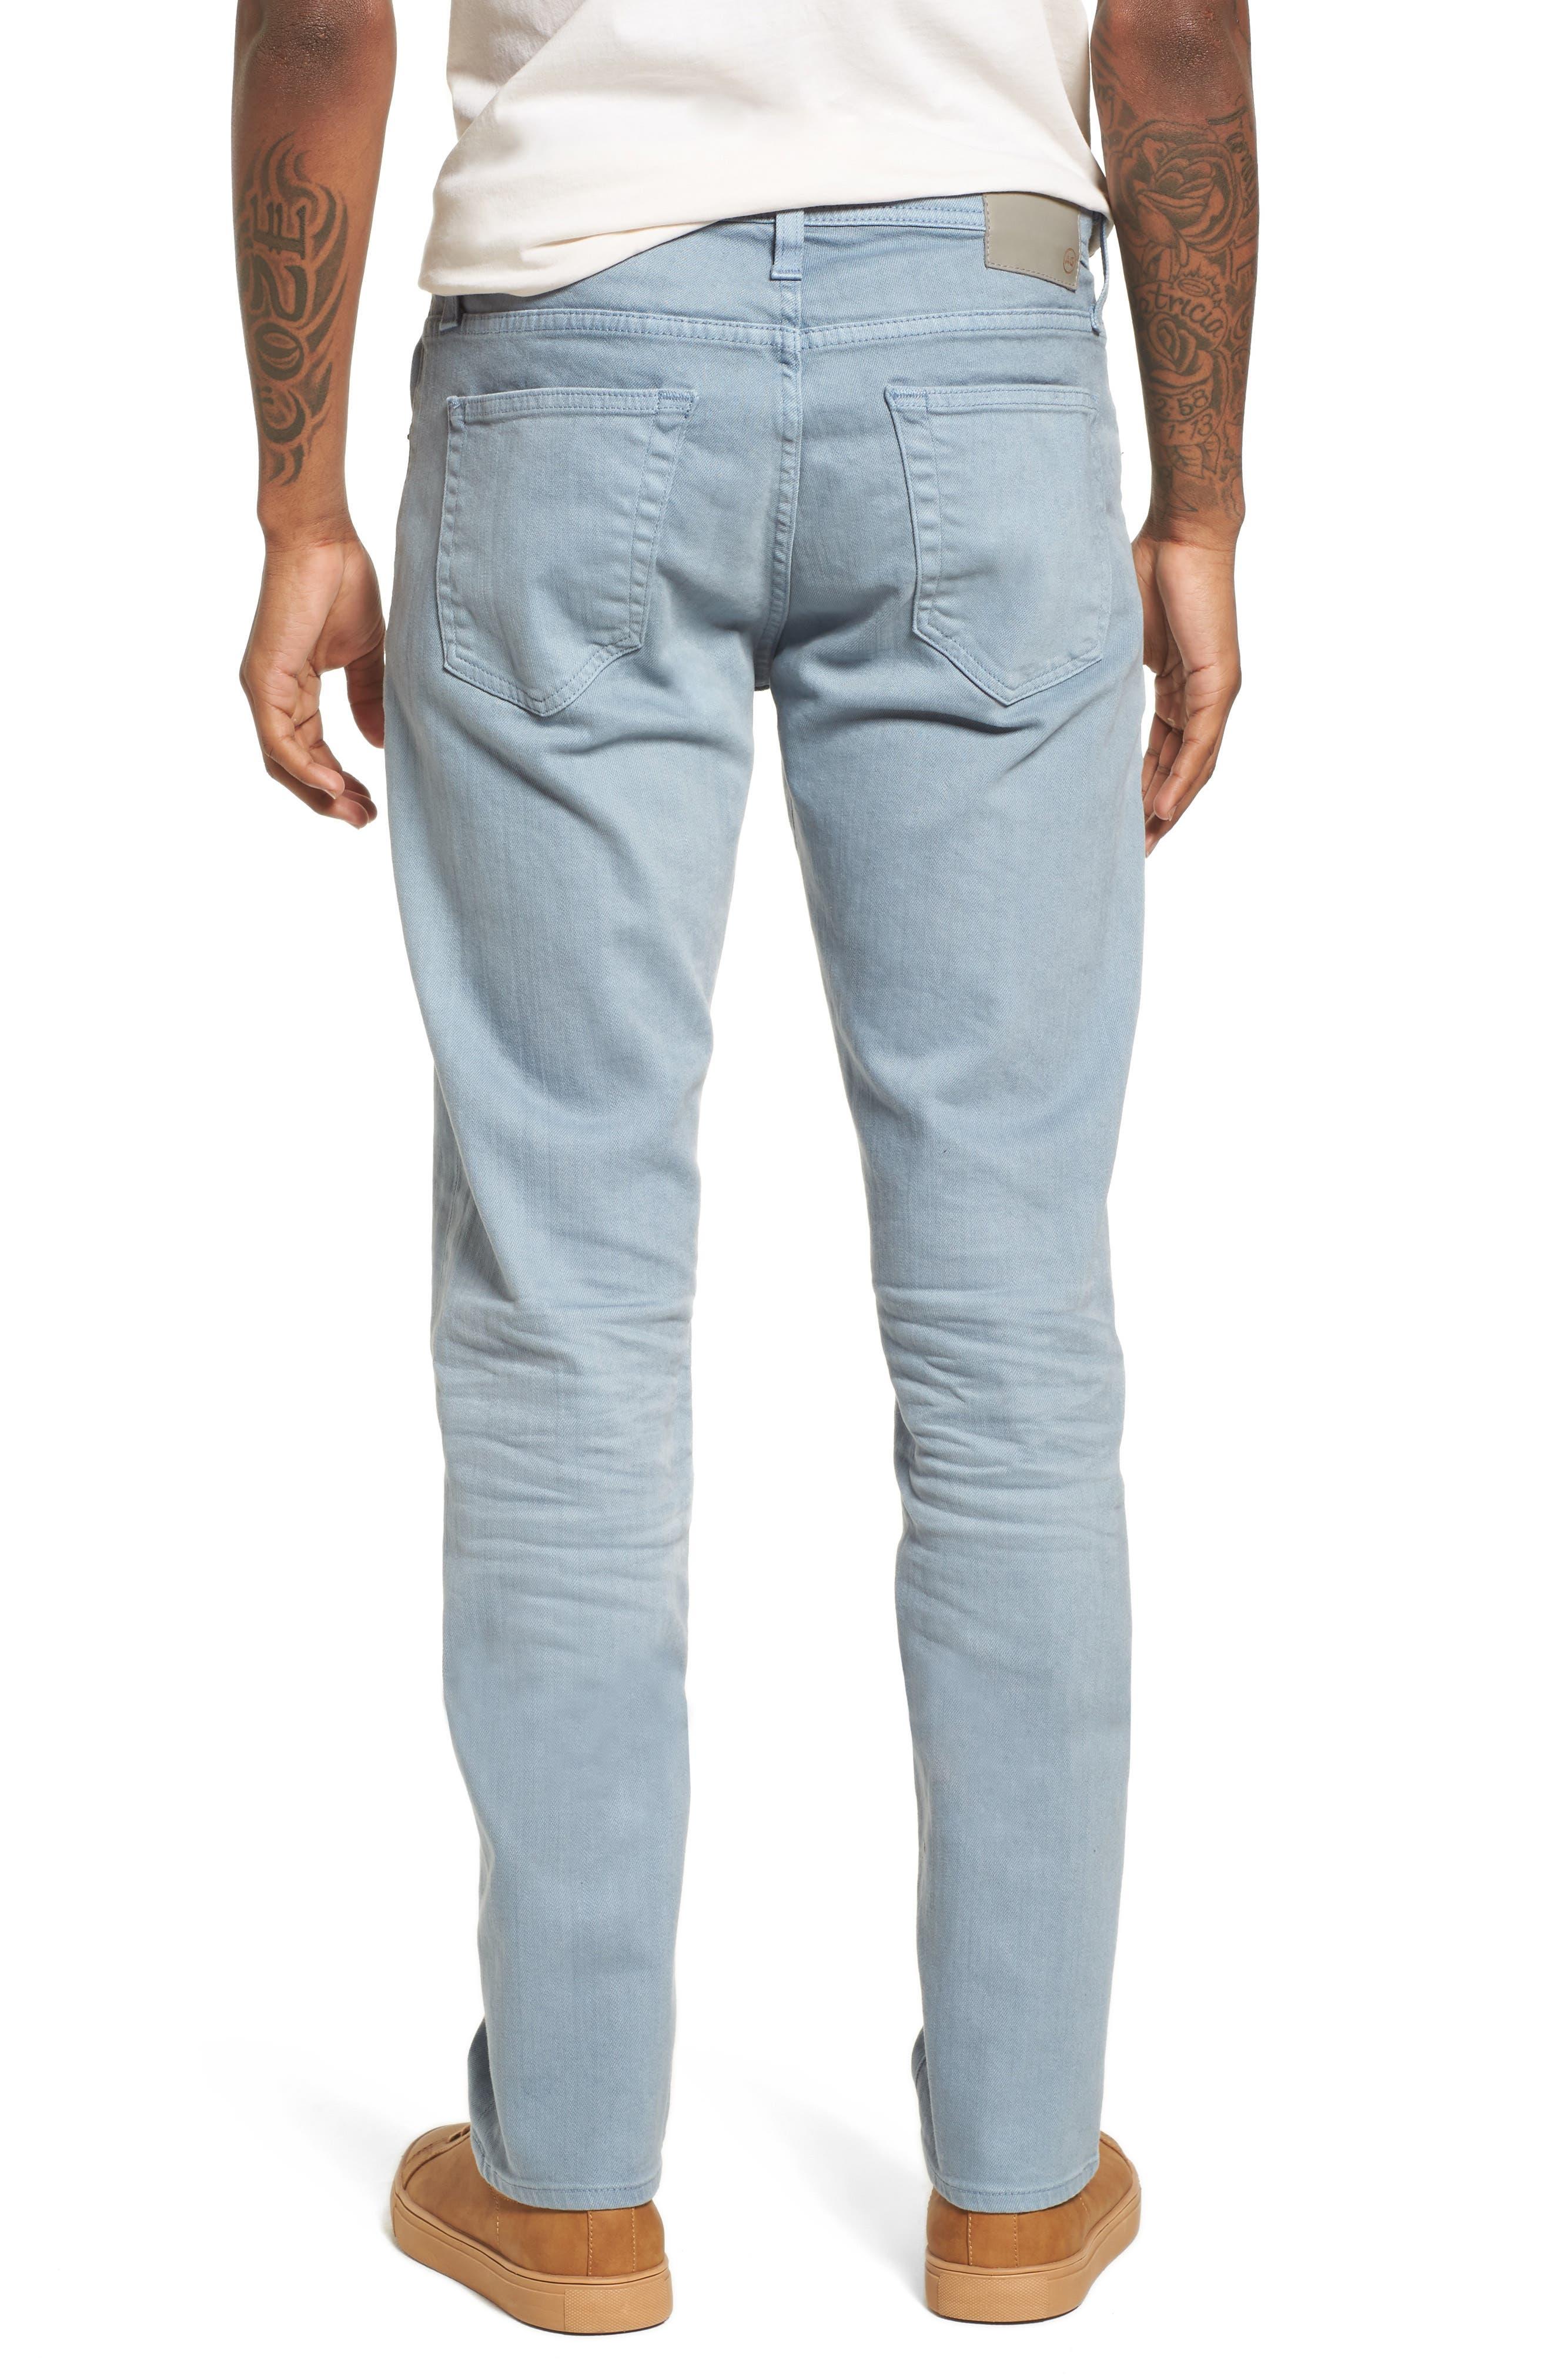 Tellis Slim Fit Jeans,                             Alternate thumbnail 2, color,                             7 Years Ocean Mist